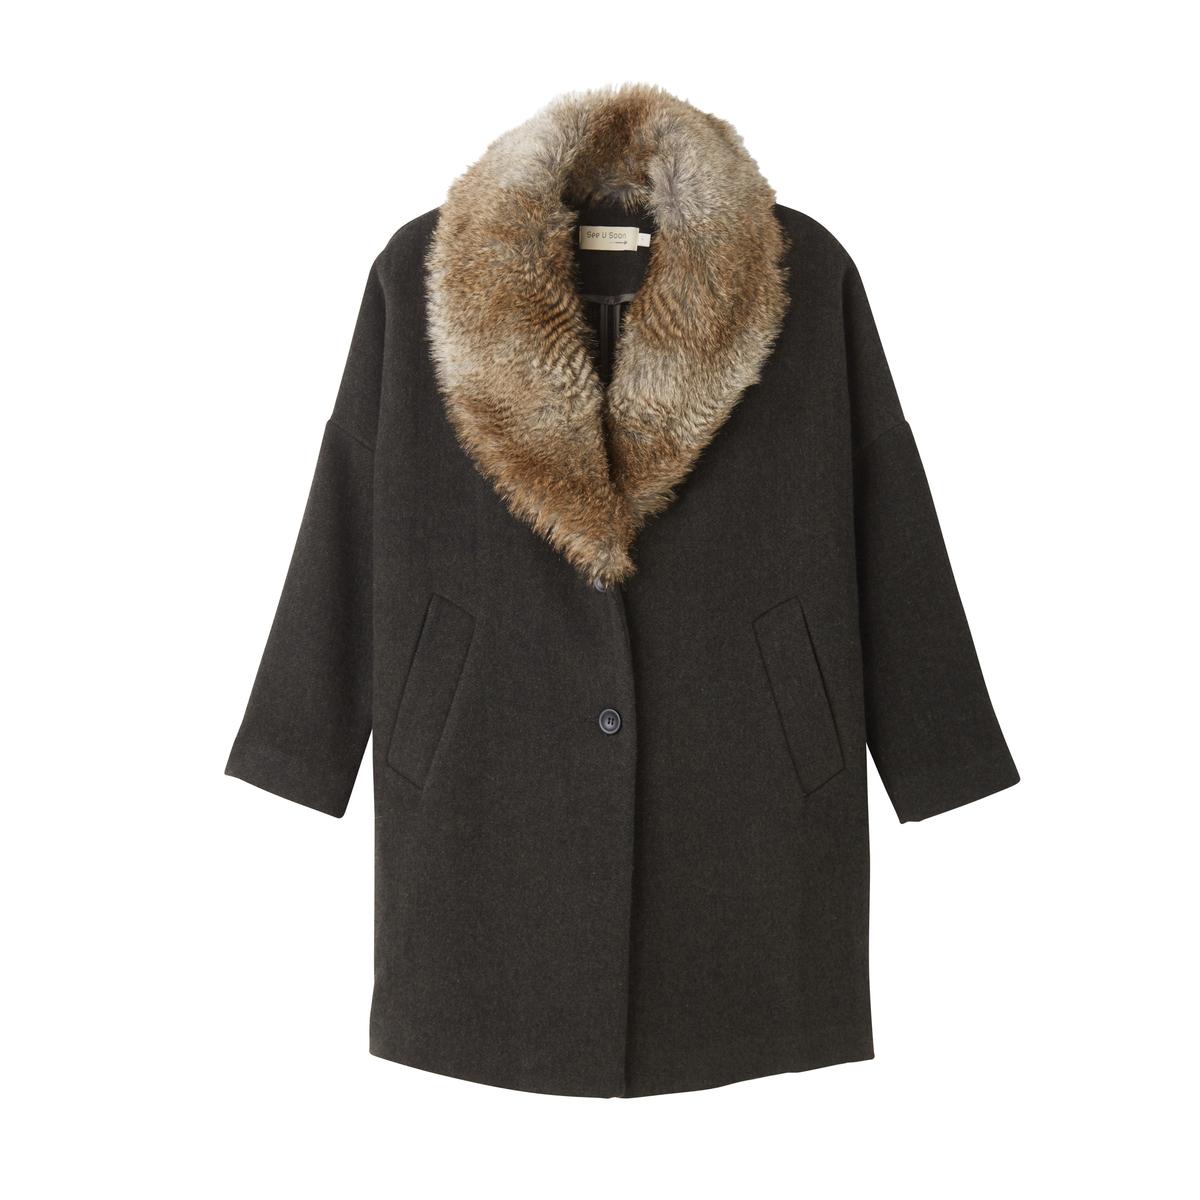 Пальто оверсайз с искусственным мехомВеликолепное пальто покроя оверсайз создает восхитительный внешний вид . Украшенное замечательным съемным шалевым воротником, это пальто не даст вам замерзнуть зимой Детали •  Длина : средняя •  Воротник-поло, рубашечный  • Застежка на пуговицыСостав и уход •  85% шерсти, 15% акрила •  Подкладка : 100% полиэстер •  Следуйте рекомендациям по уходу, указанным на этикетке изделия<br><br>Цвет: хаки темный/мех бежевый<br>Размер: S/M